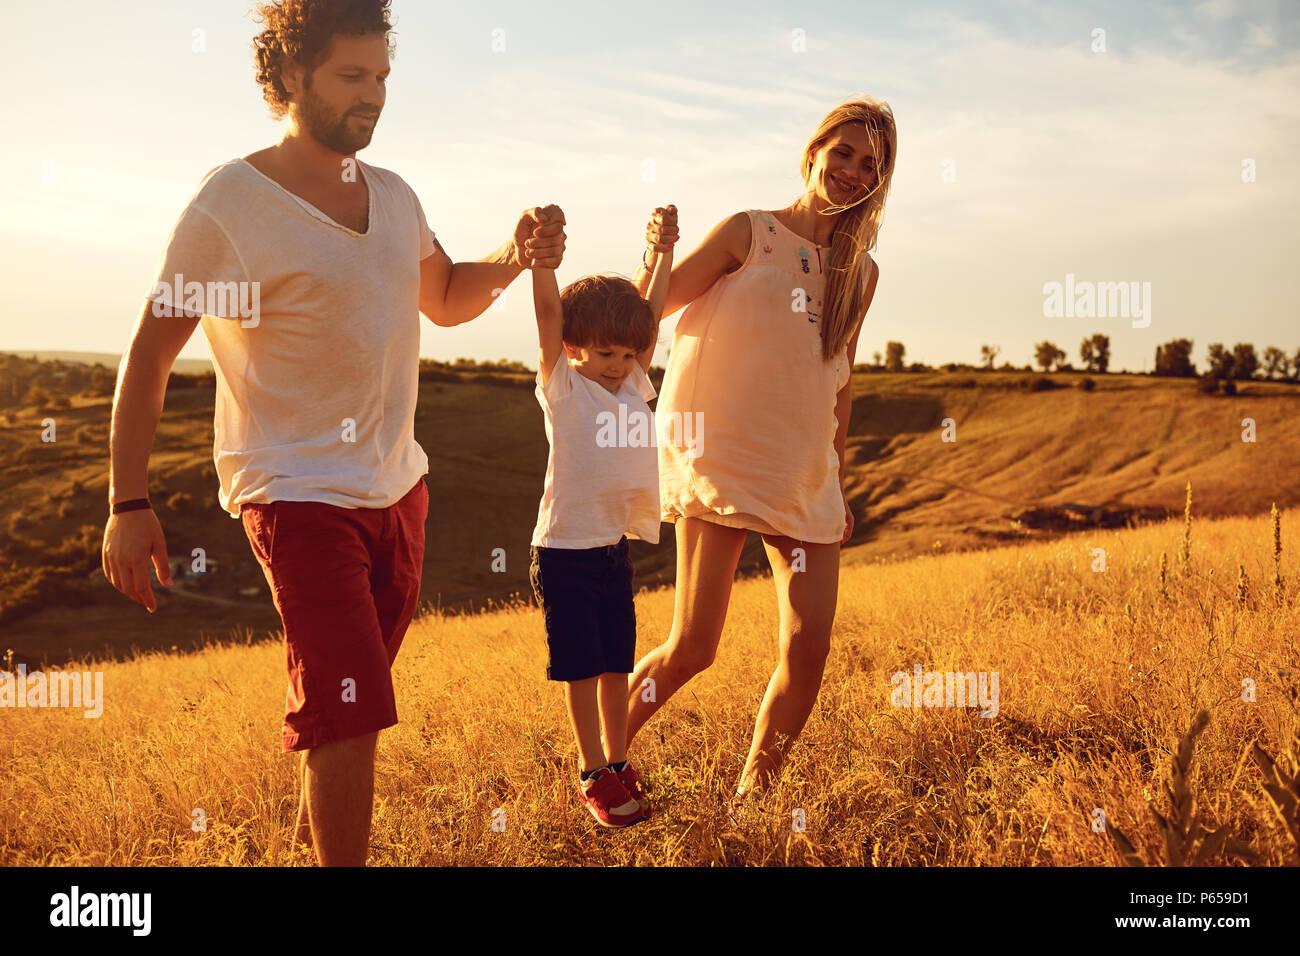 Familia Feliz divertirse jugando al atardecer. Imagen De Stock